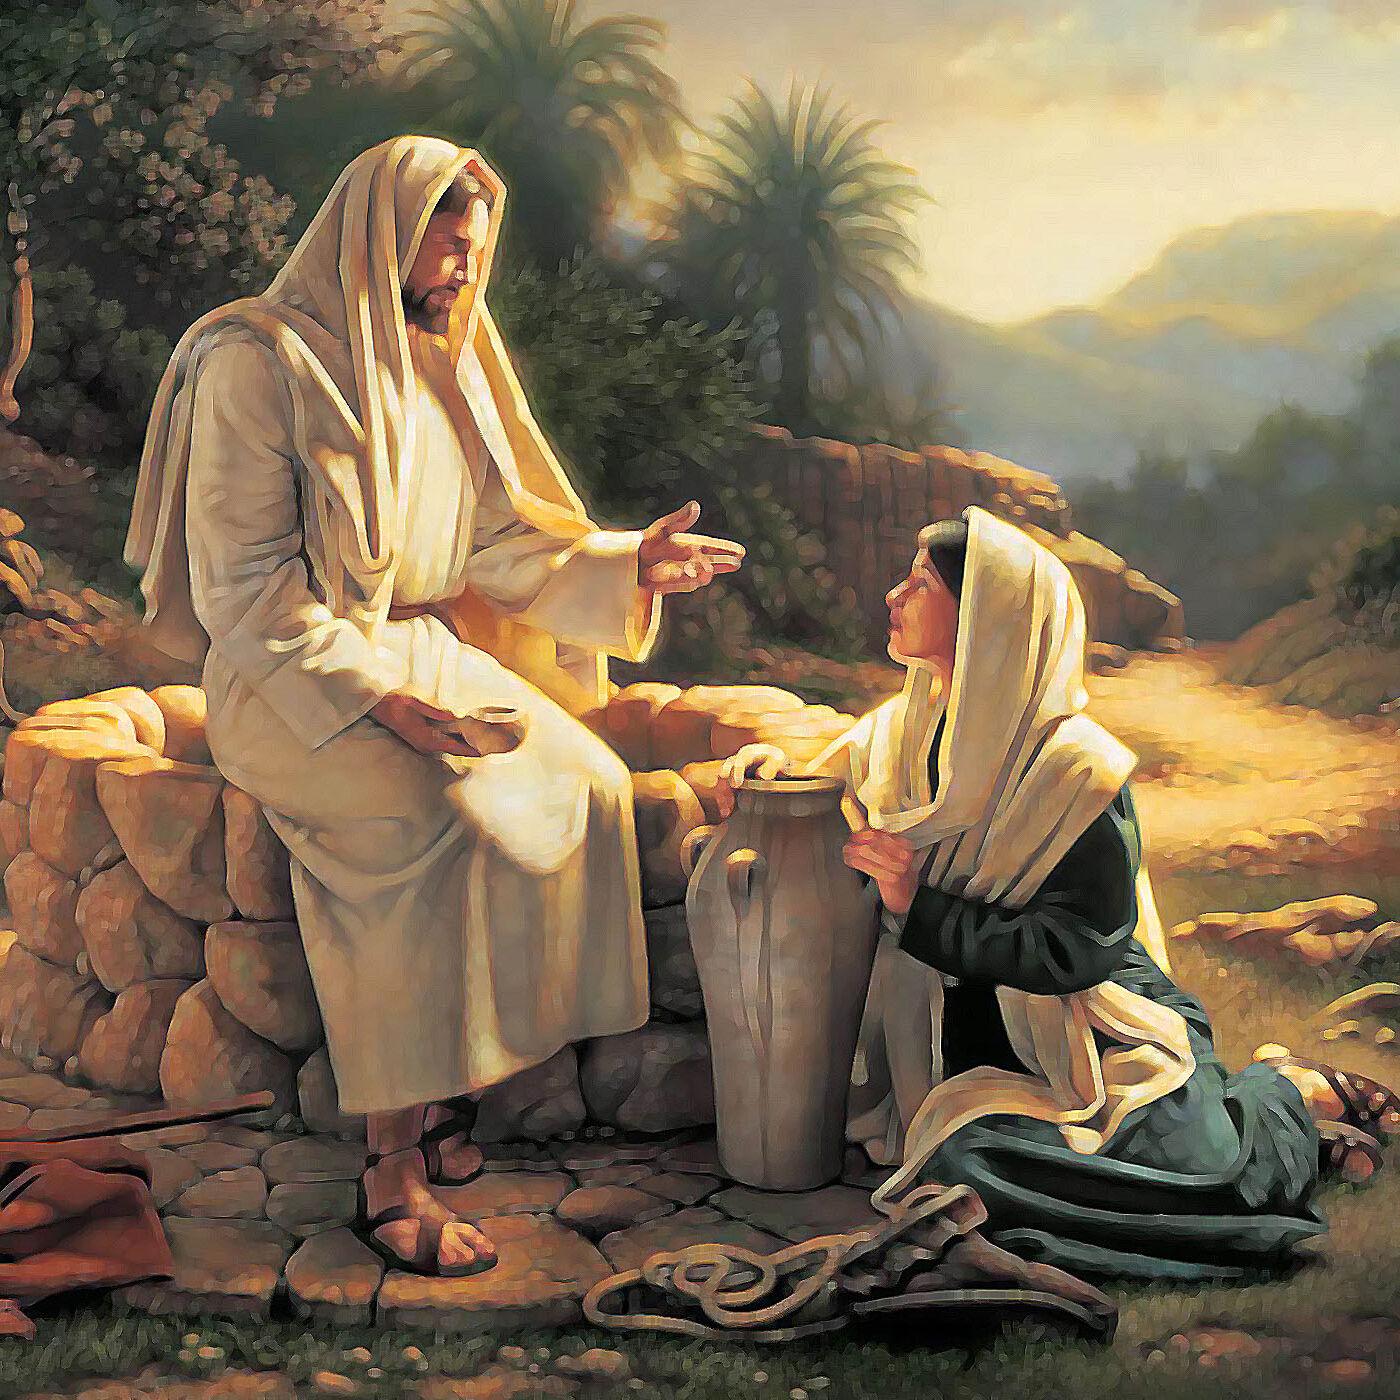 riflessioni sul Vangelo di Giovedì 4 Marzo 2021 (Lc 16, 19-31) - Apostola Janel